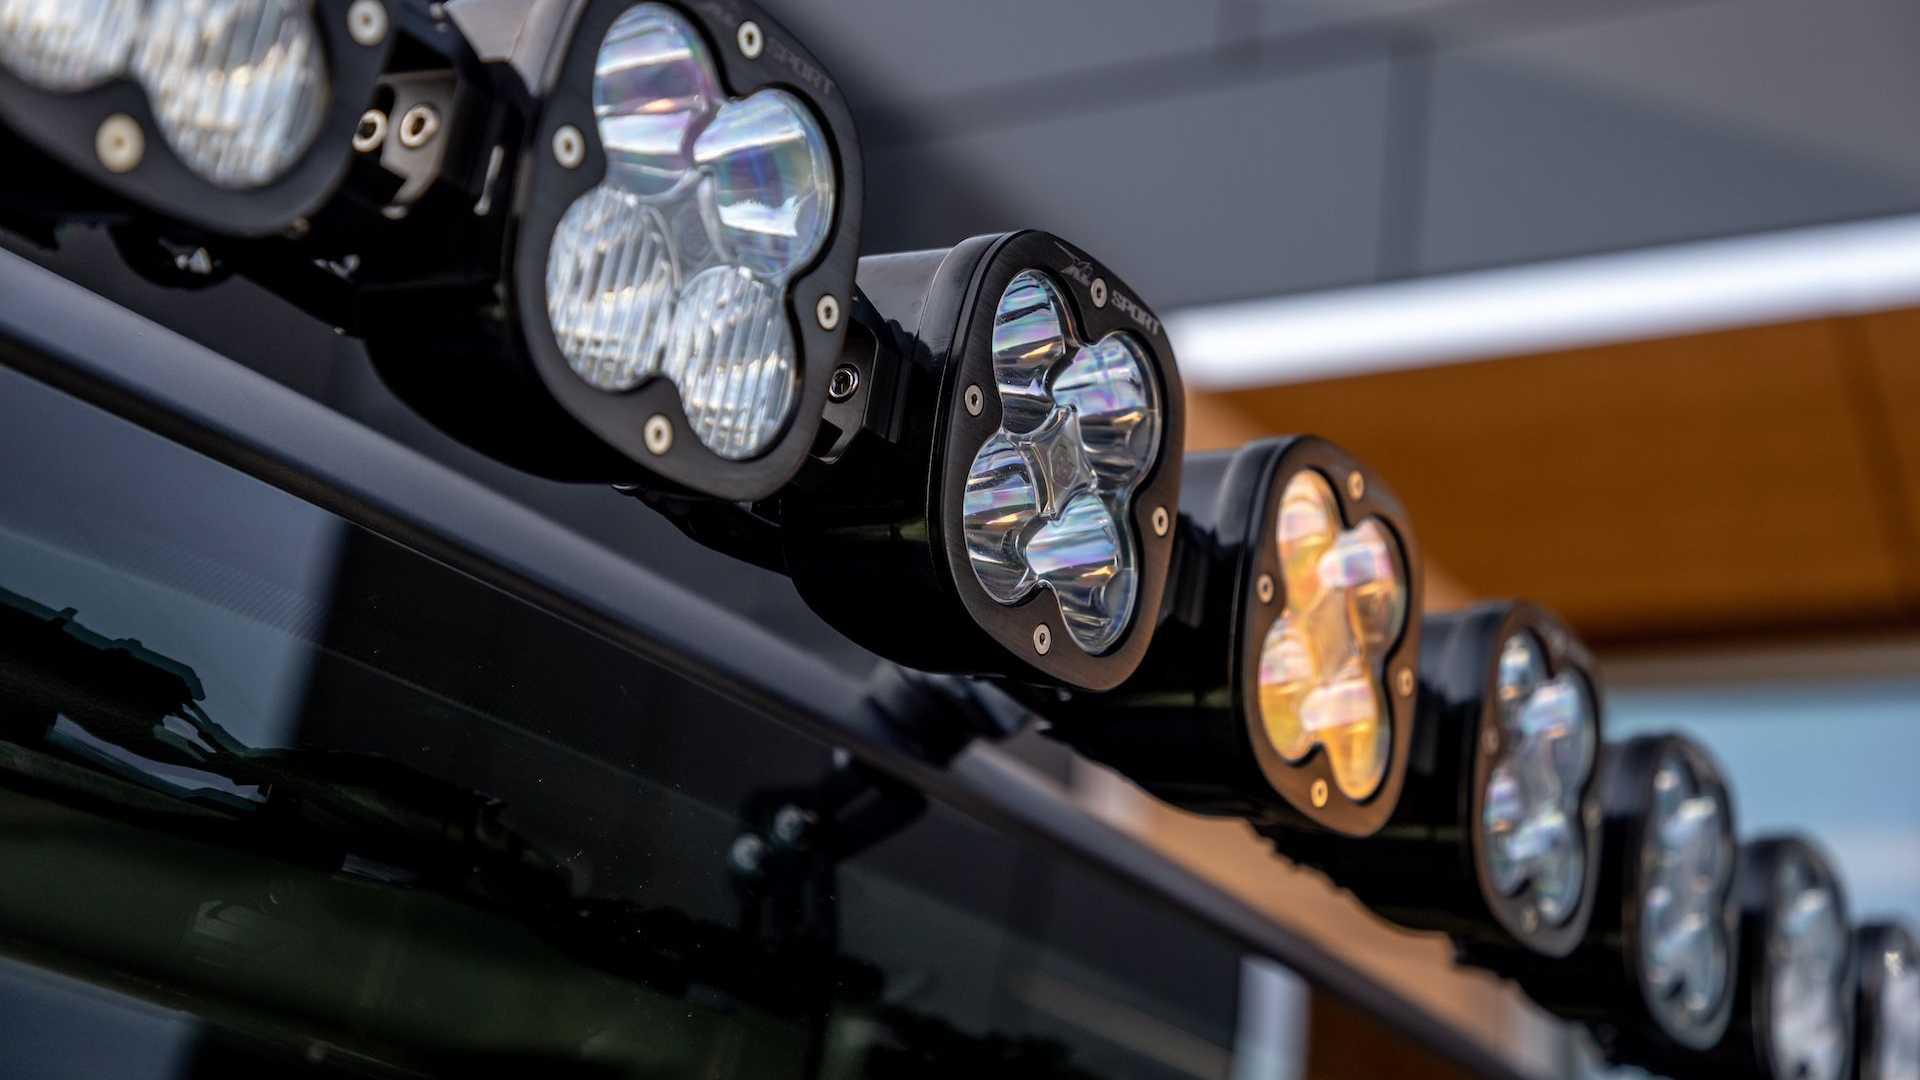 Jeep-Gladiator-6x6-by-Next-Level-38